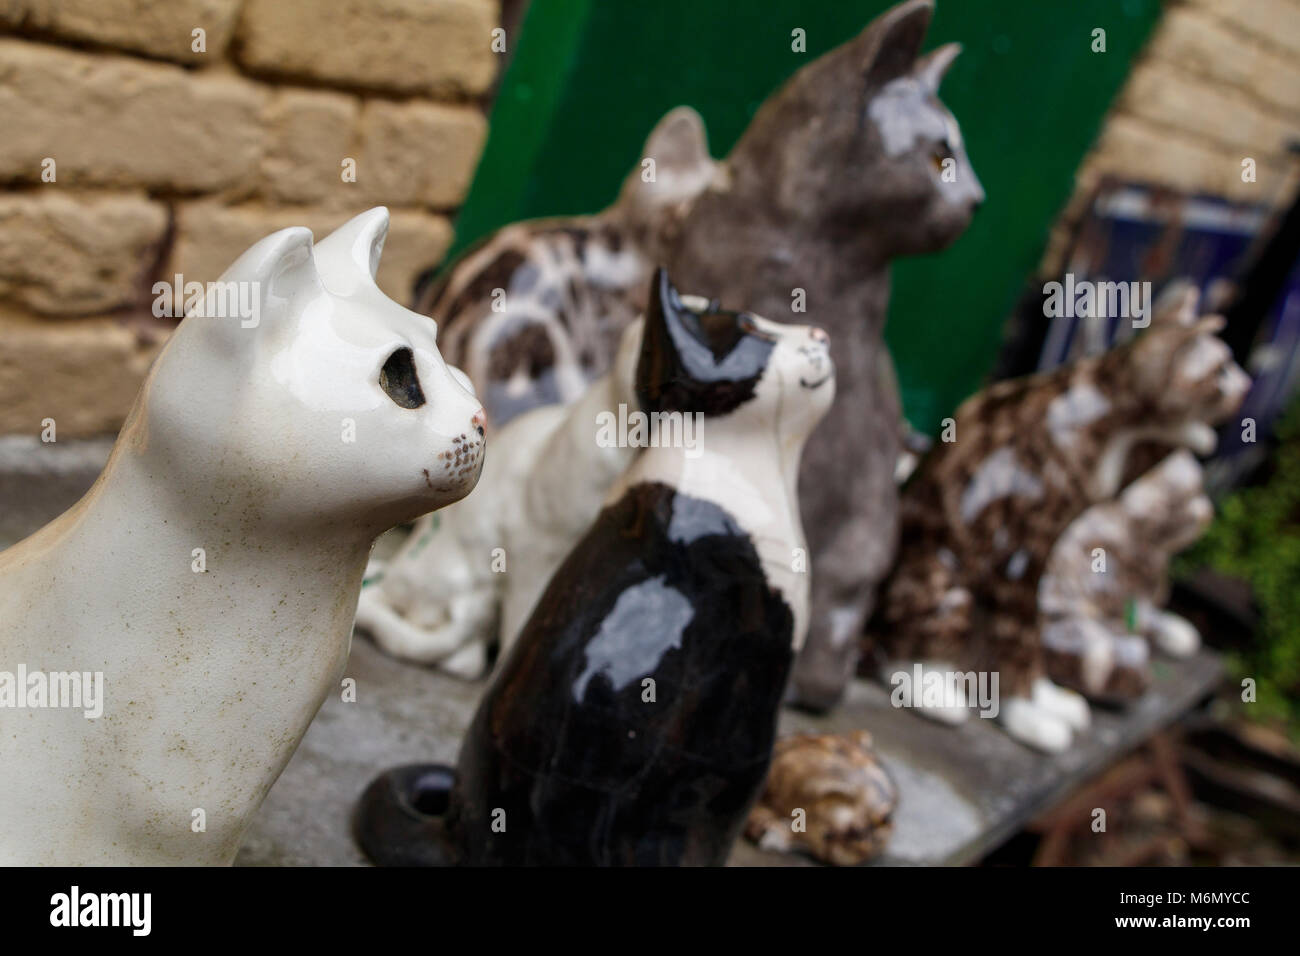 Eine Sammlung von winstanley Keramik Katzen im Freien angeordnet. North Walsham, Norfolk, Großbritannien. Stockbild